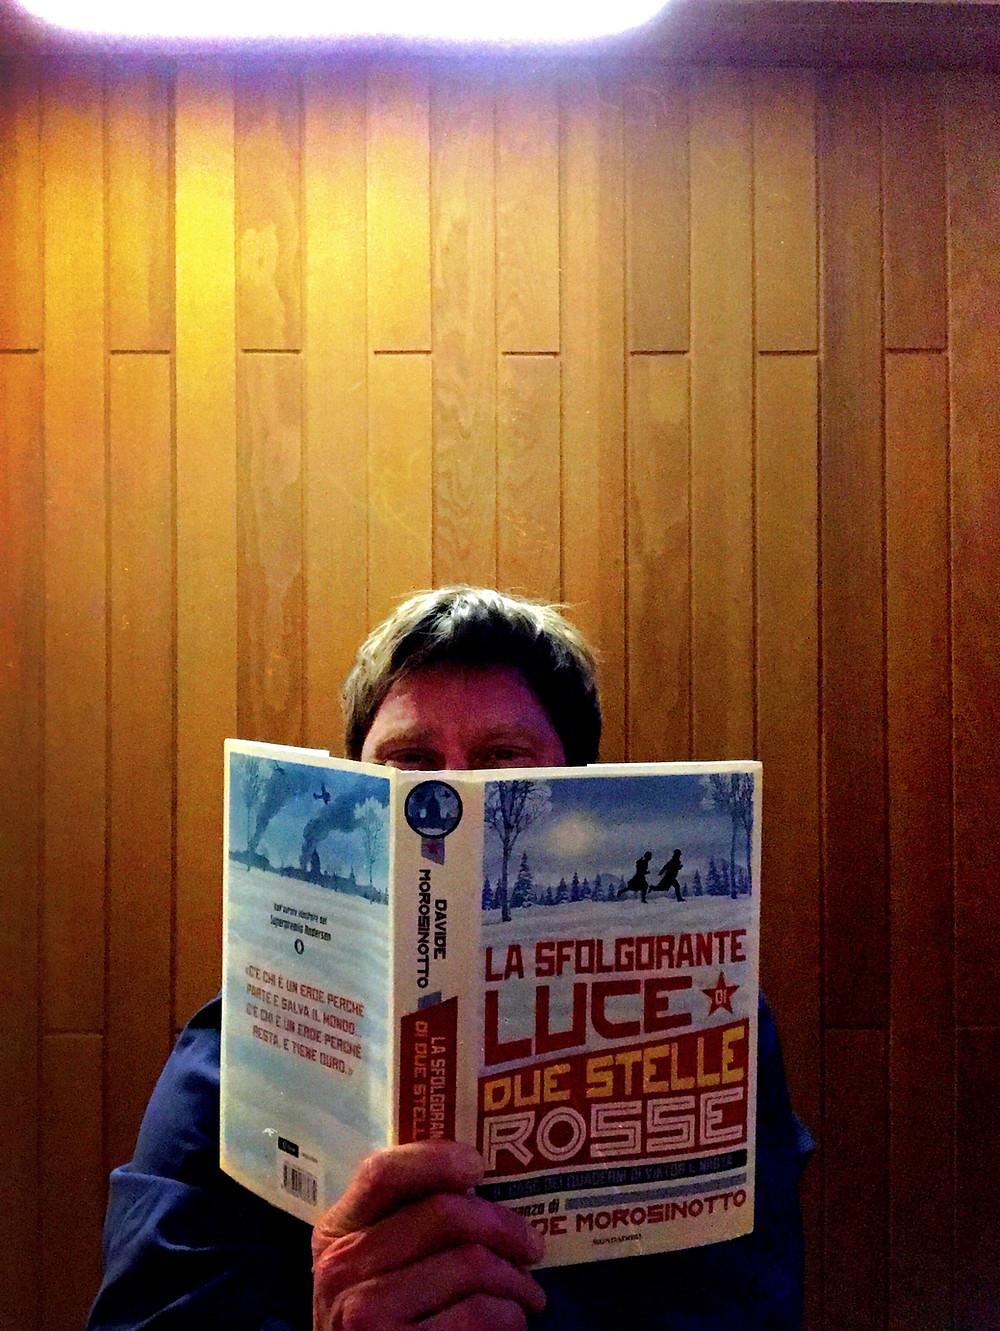 Cover of Davide Morosinotto's La sfolgorante luce di due stelle rosse, published by Mondadori